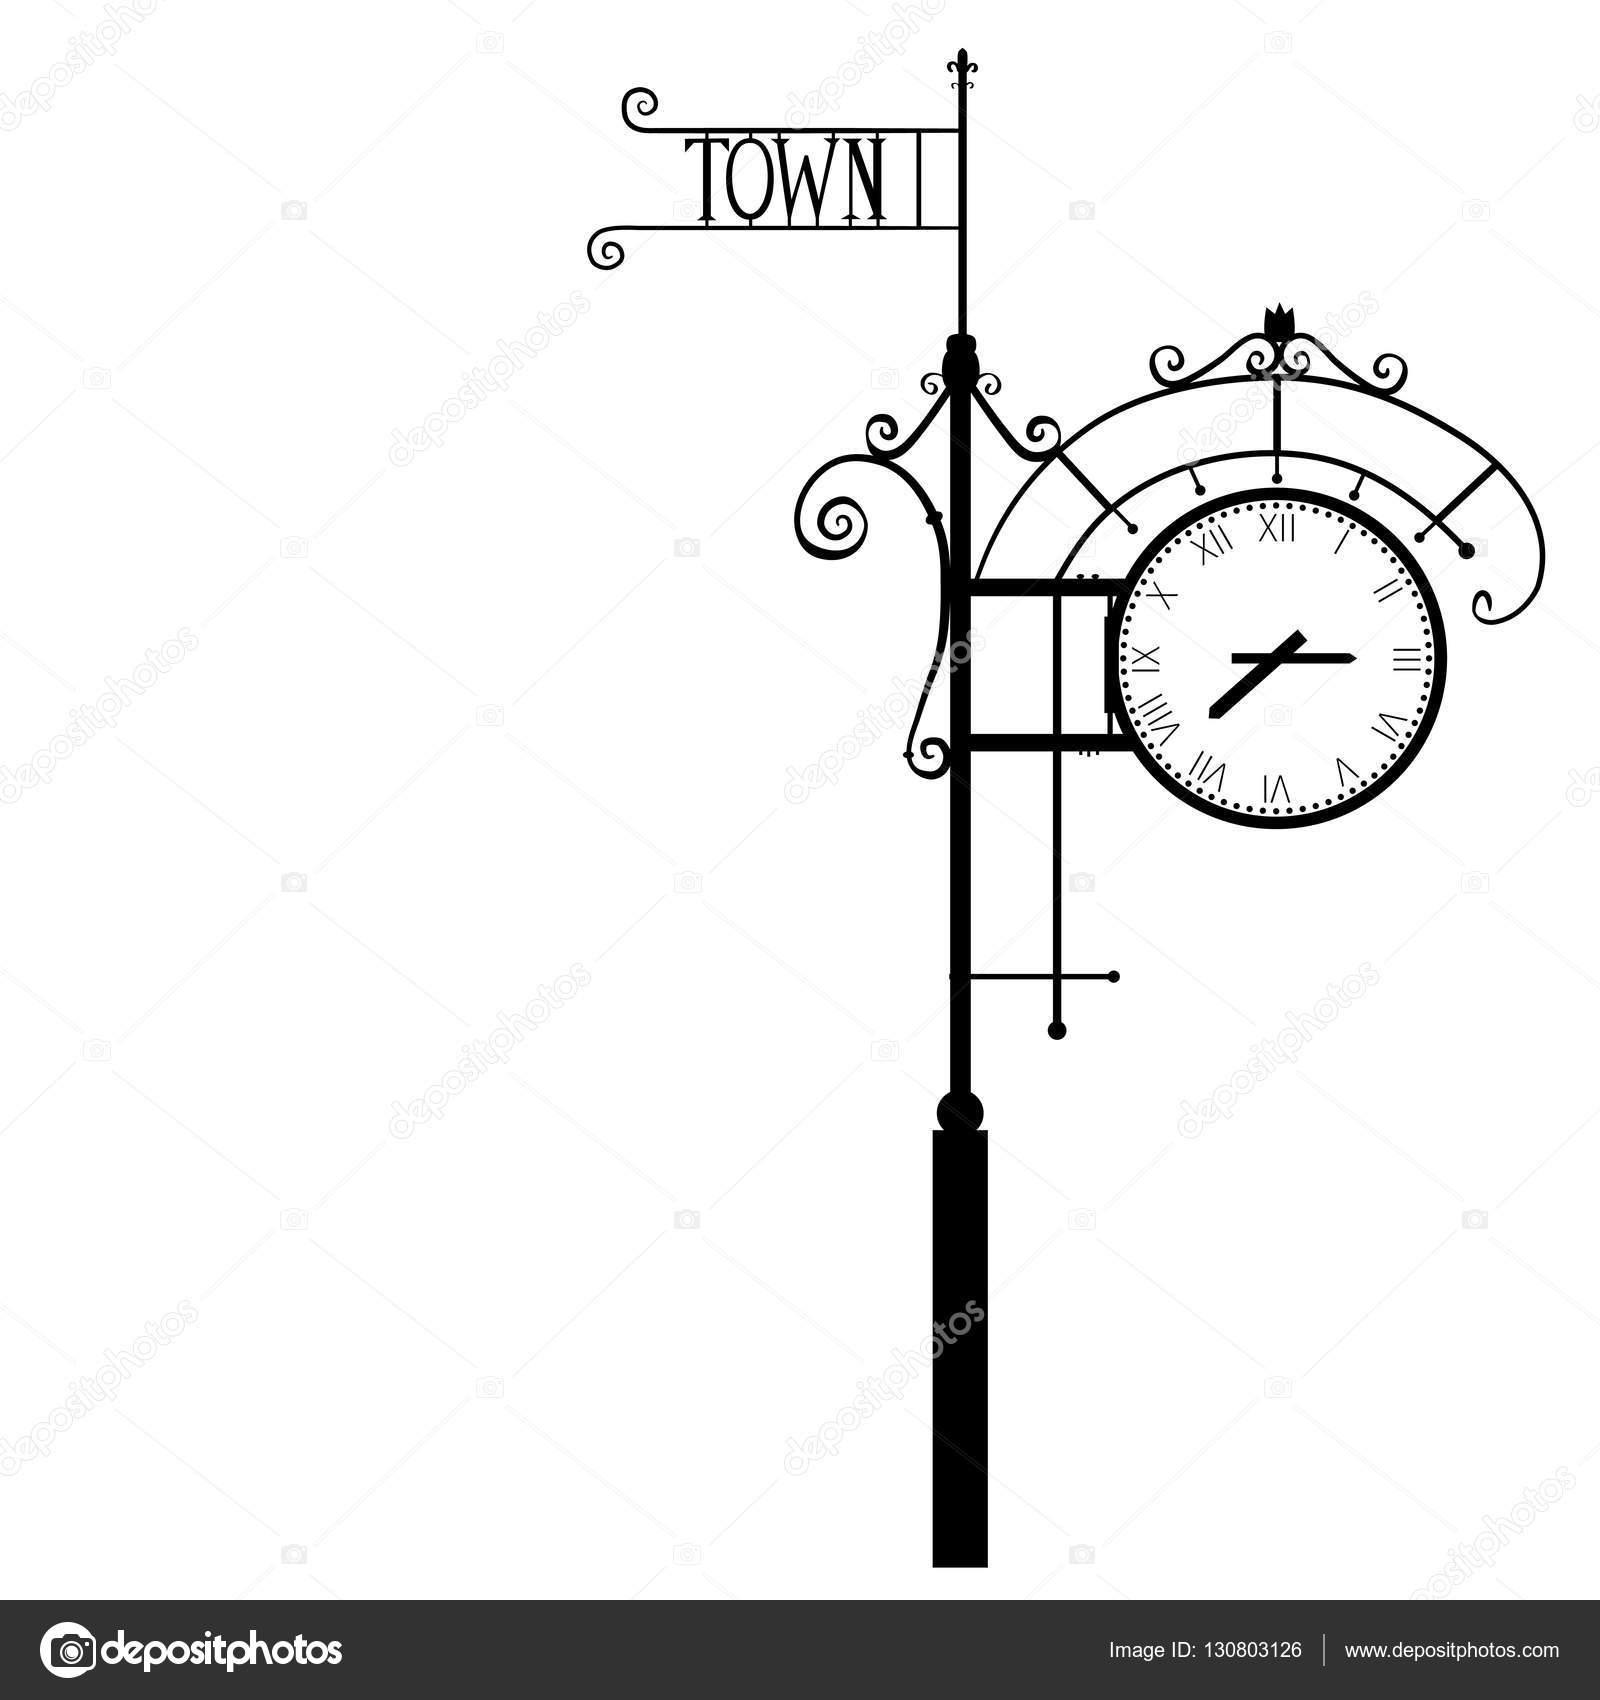 Calle reloj numeral vintage, Ilustración de vectores aislado sobre ...